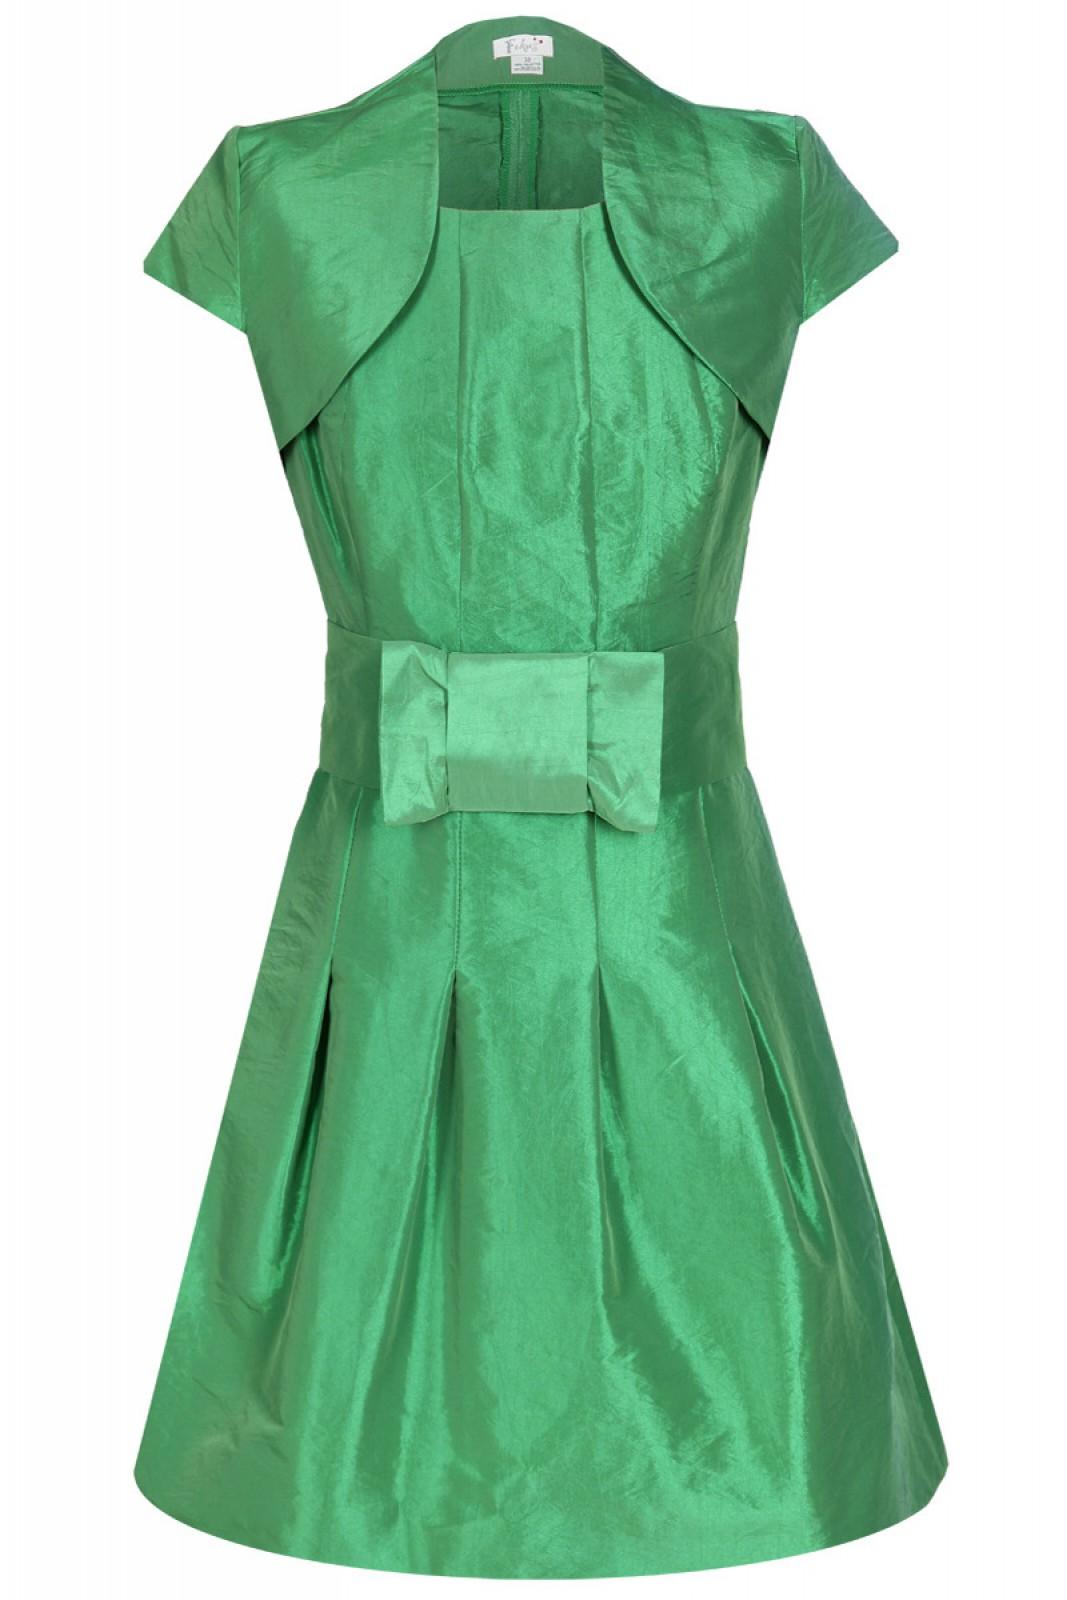 Partykleid grün mit Ballonrock und Stoff-Gürtel mit Schleife - ...